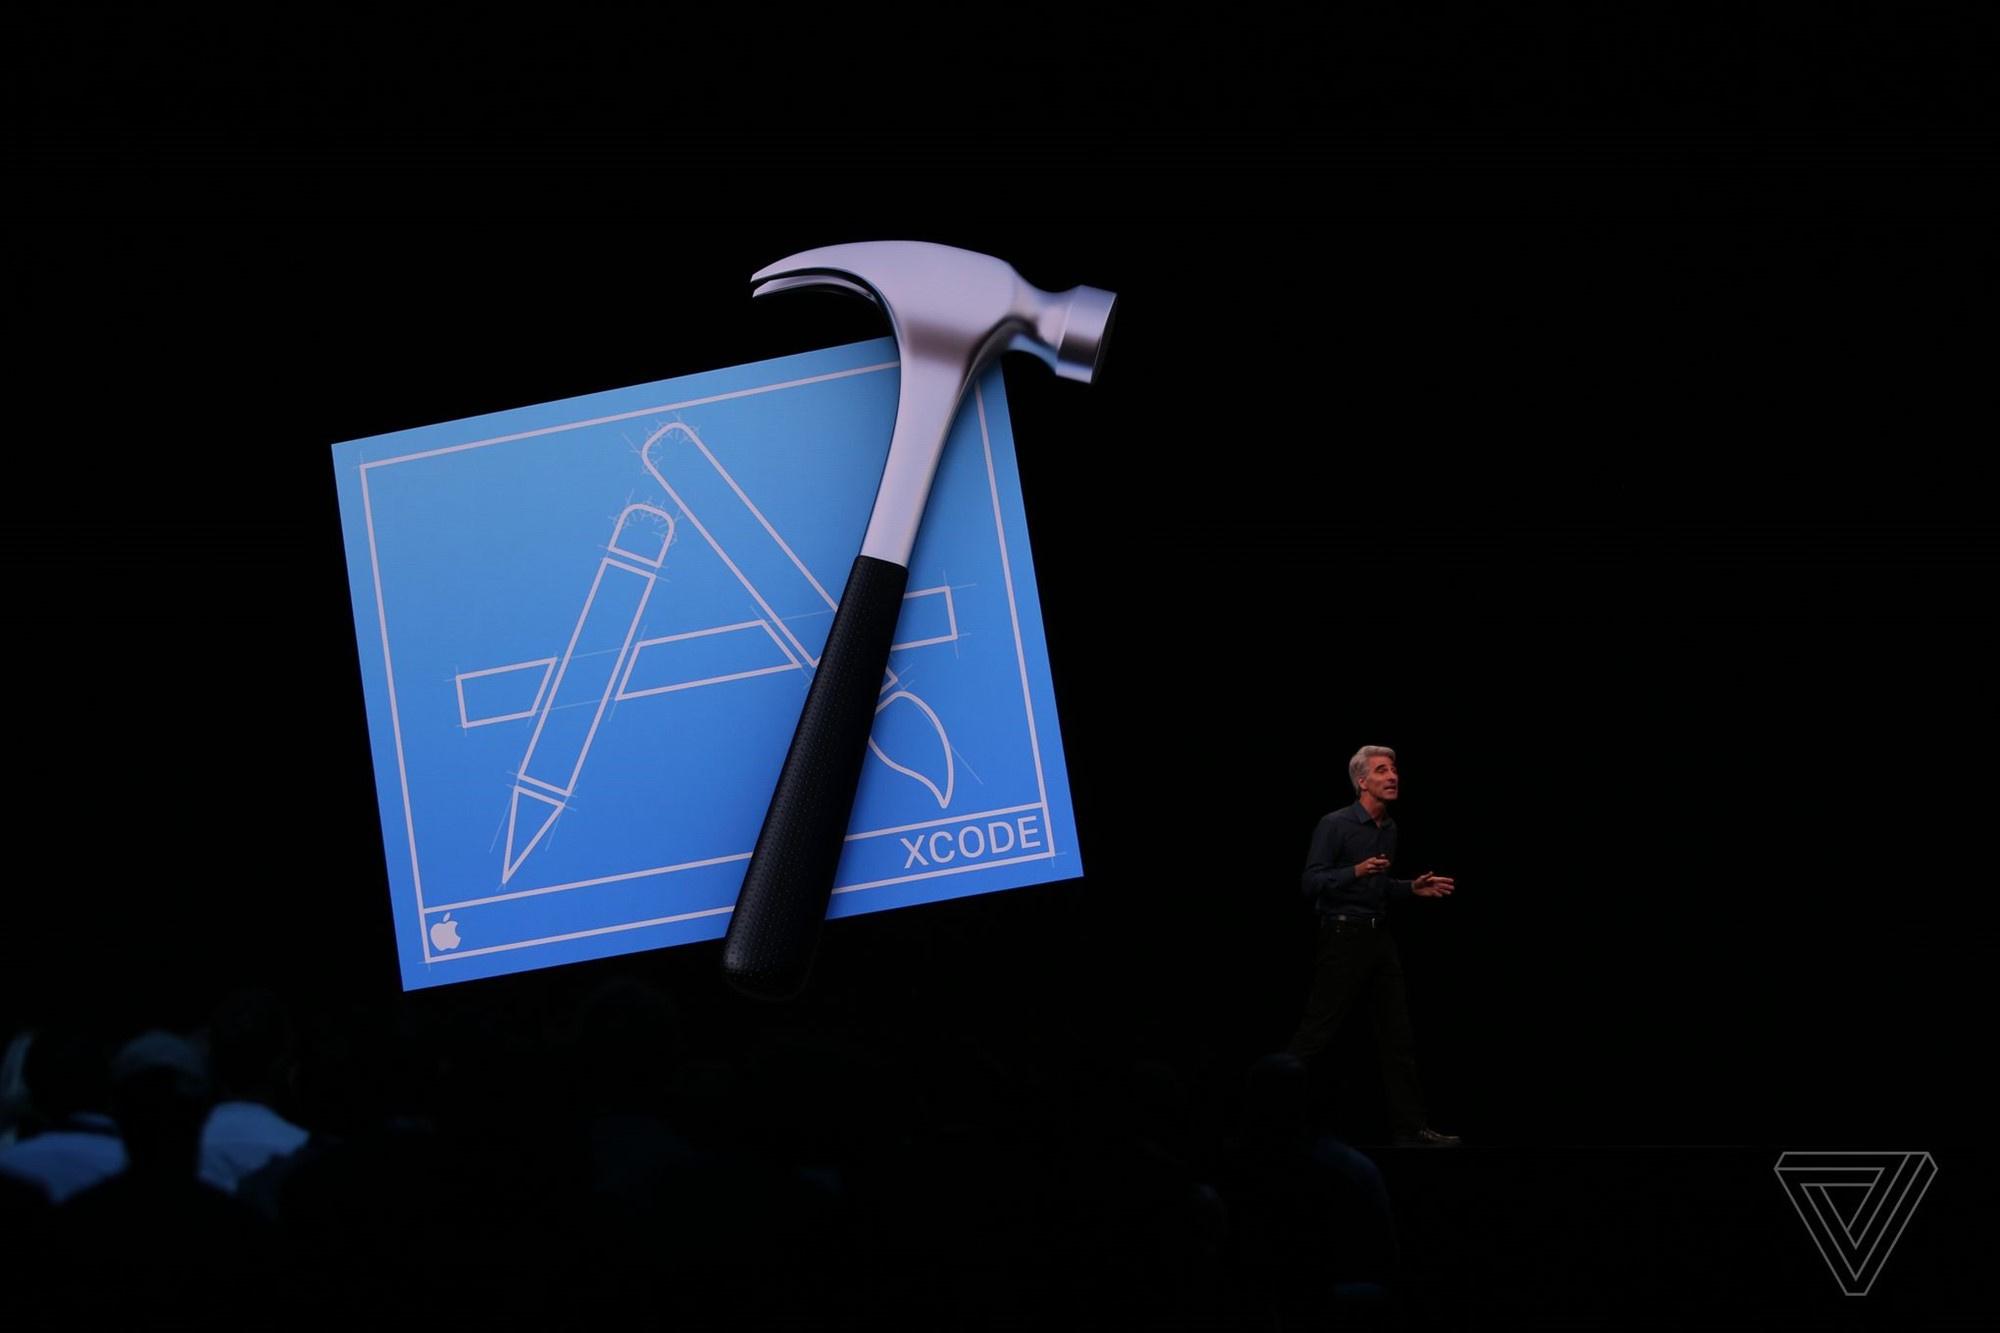 Прямая трансляция: Apple на WWDC 2019; Mac Pro, macOS Catalina, iOS 13, iPadOS, tvOS, watchOS и другие анонсы